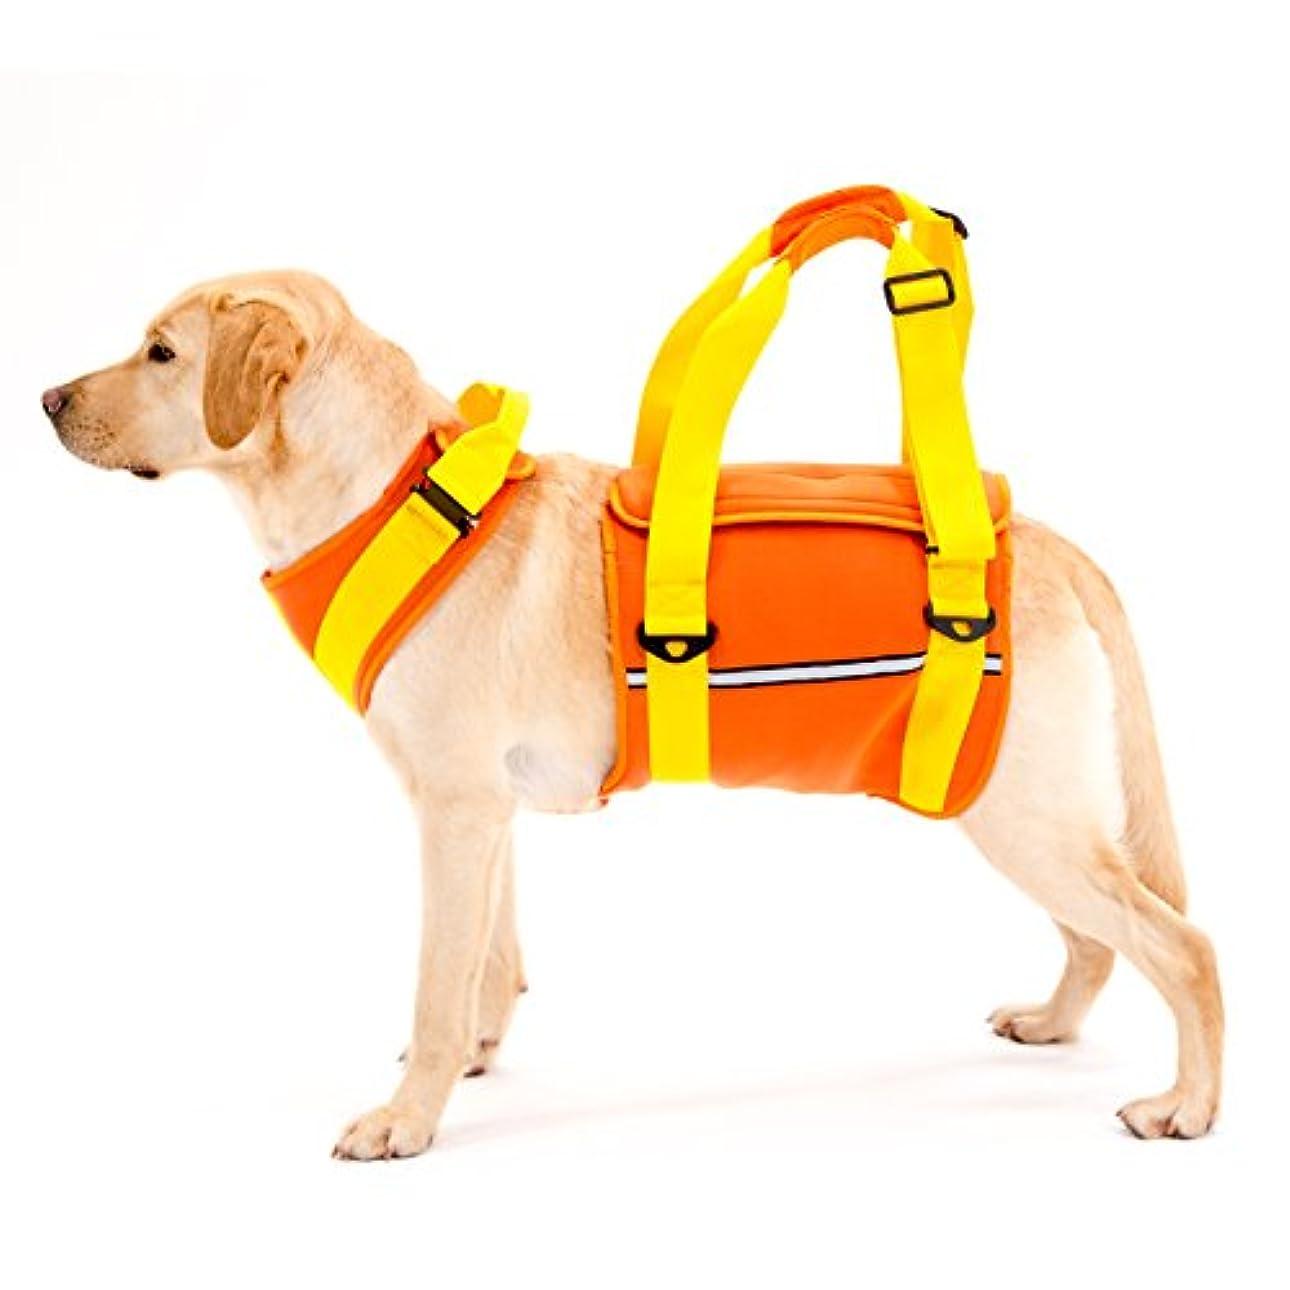 真剣に動く授業料ララウォーク 歩行補助ハーネス 大型犬用 ネオプレーンオレンジ LLサイズ